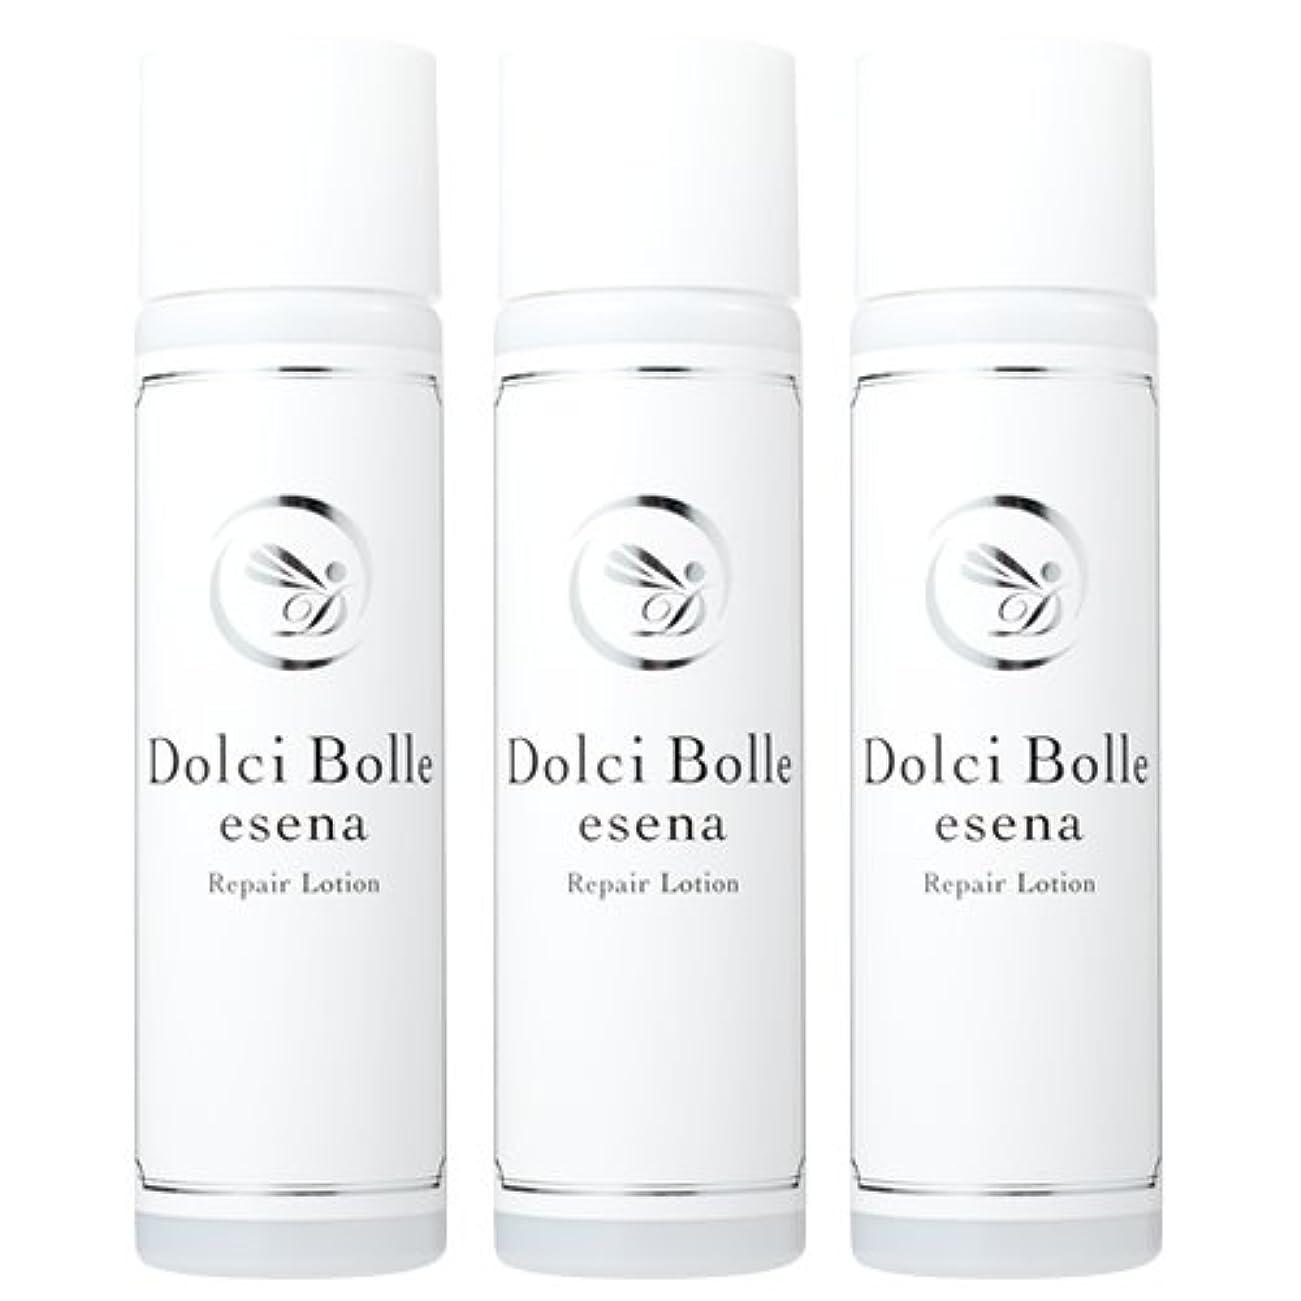 期間ママベンチDolci Bolle(ドルチボーレ) esena(エセナ) リペアローション 150ml 3本セット